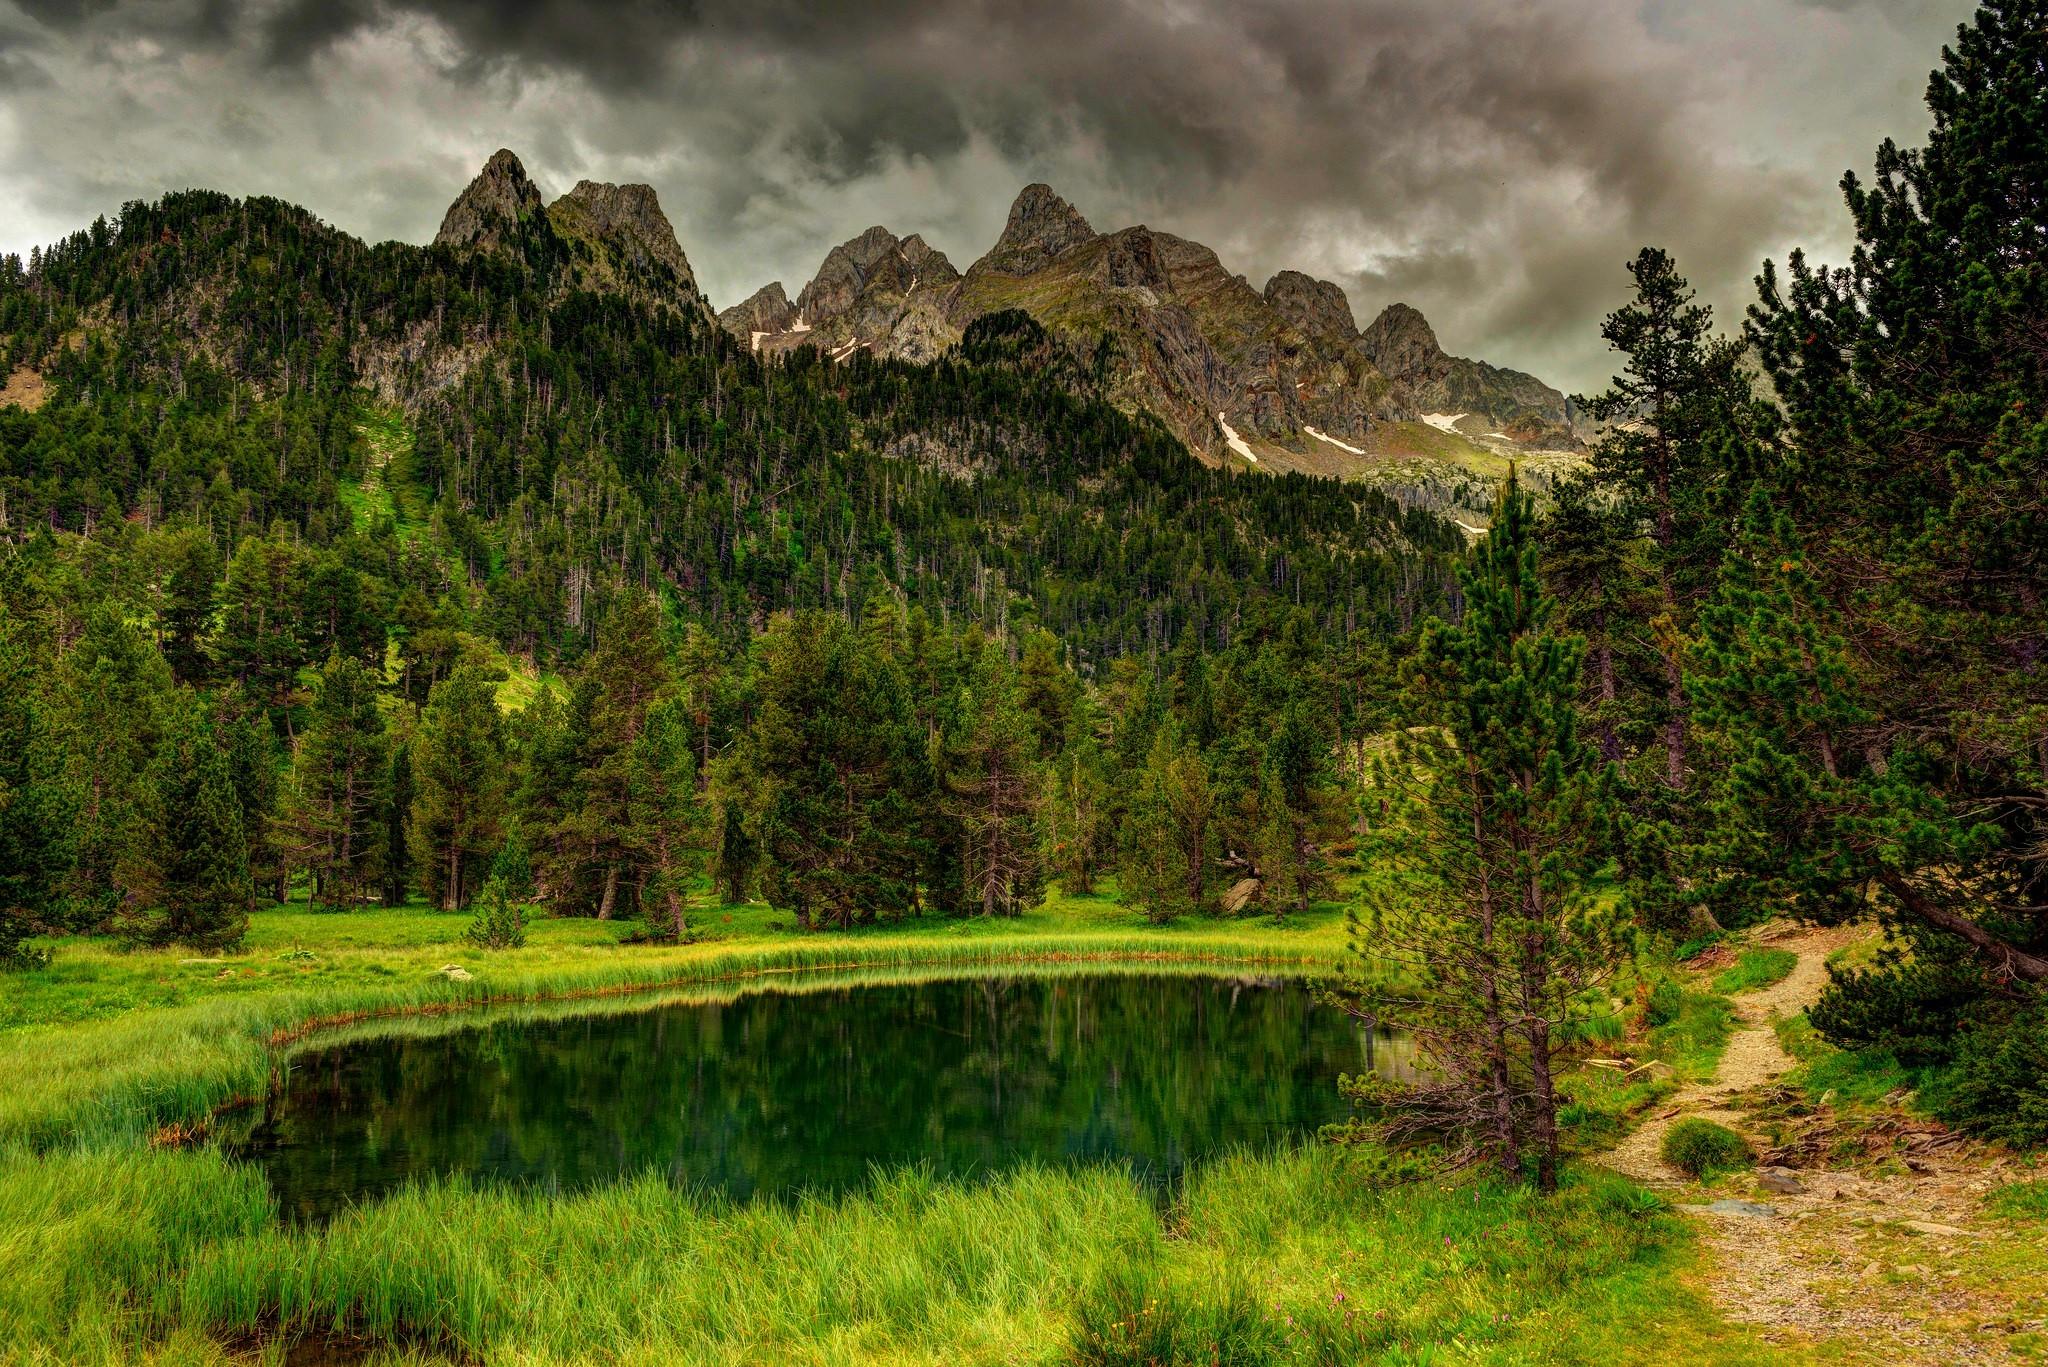 природа горы облака деревья река nature mountains clouds trees river  № 1000550 загрузить